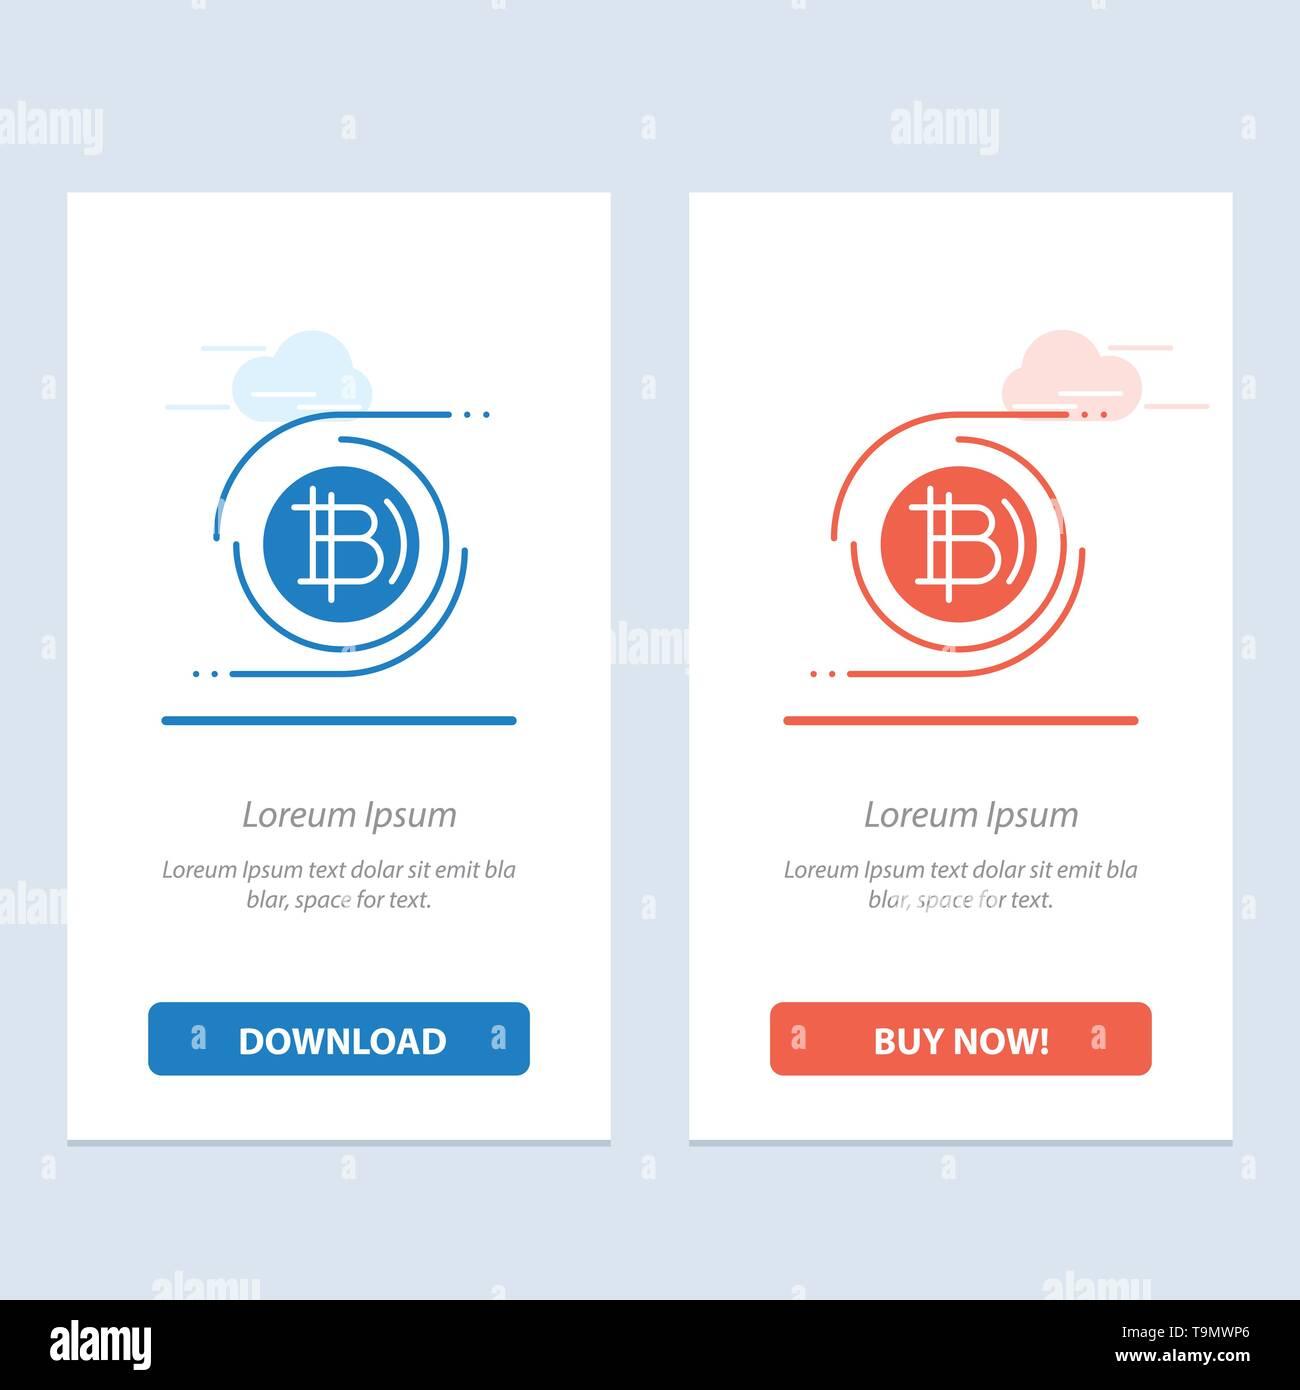 get block template bitcoins